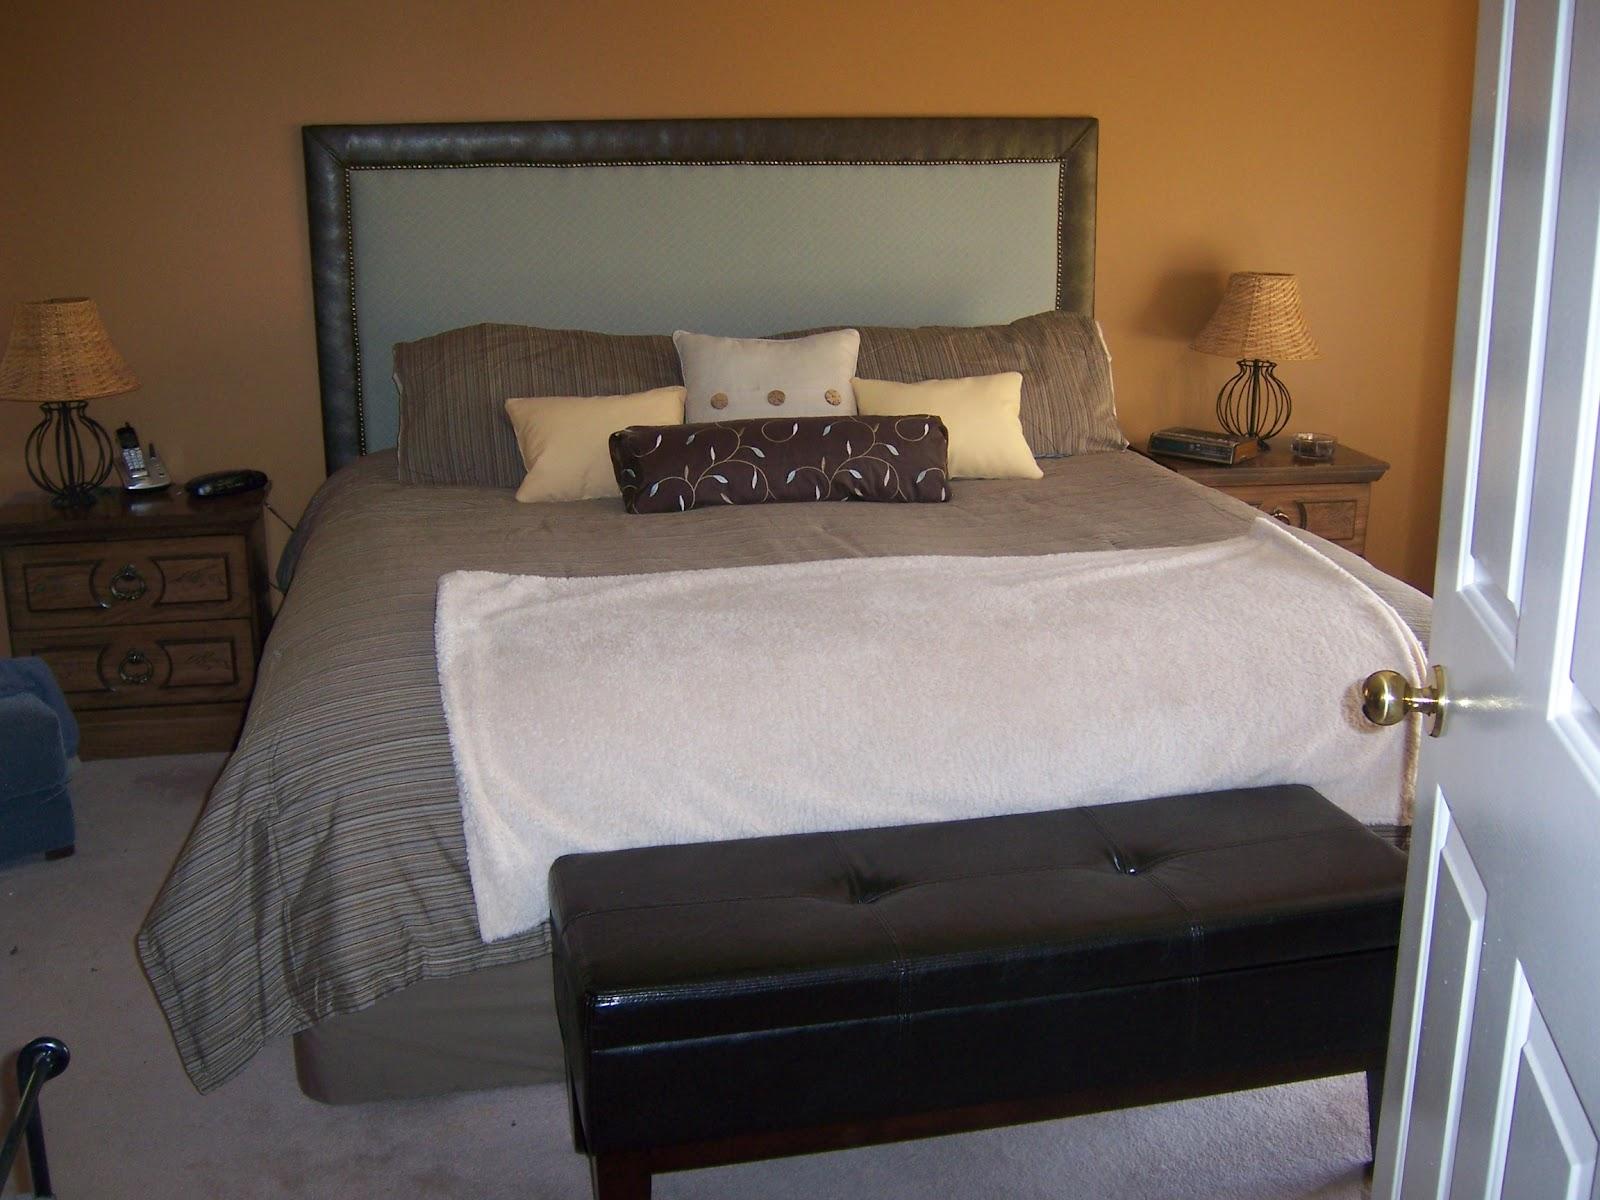 My Parentsu0027 Bedroom Reveal!